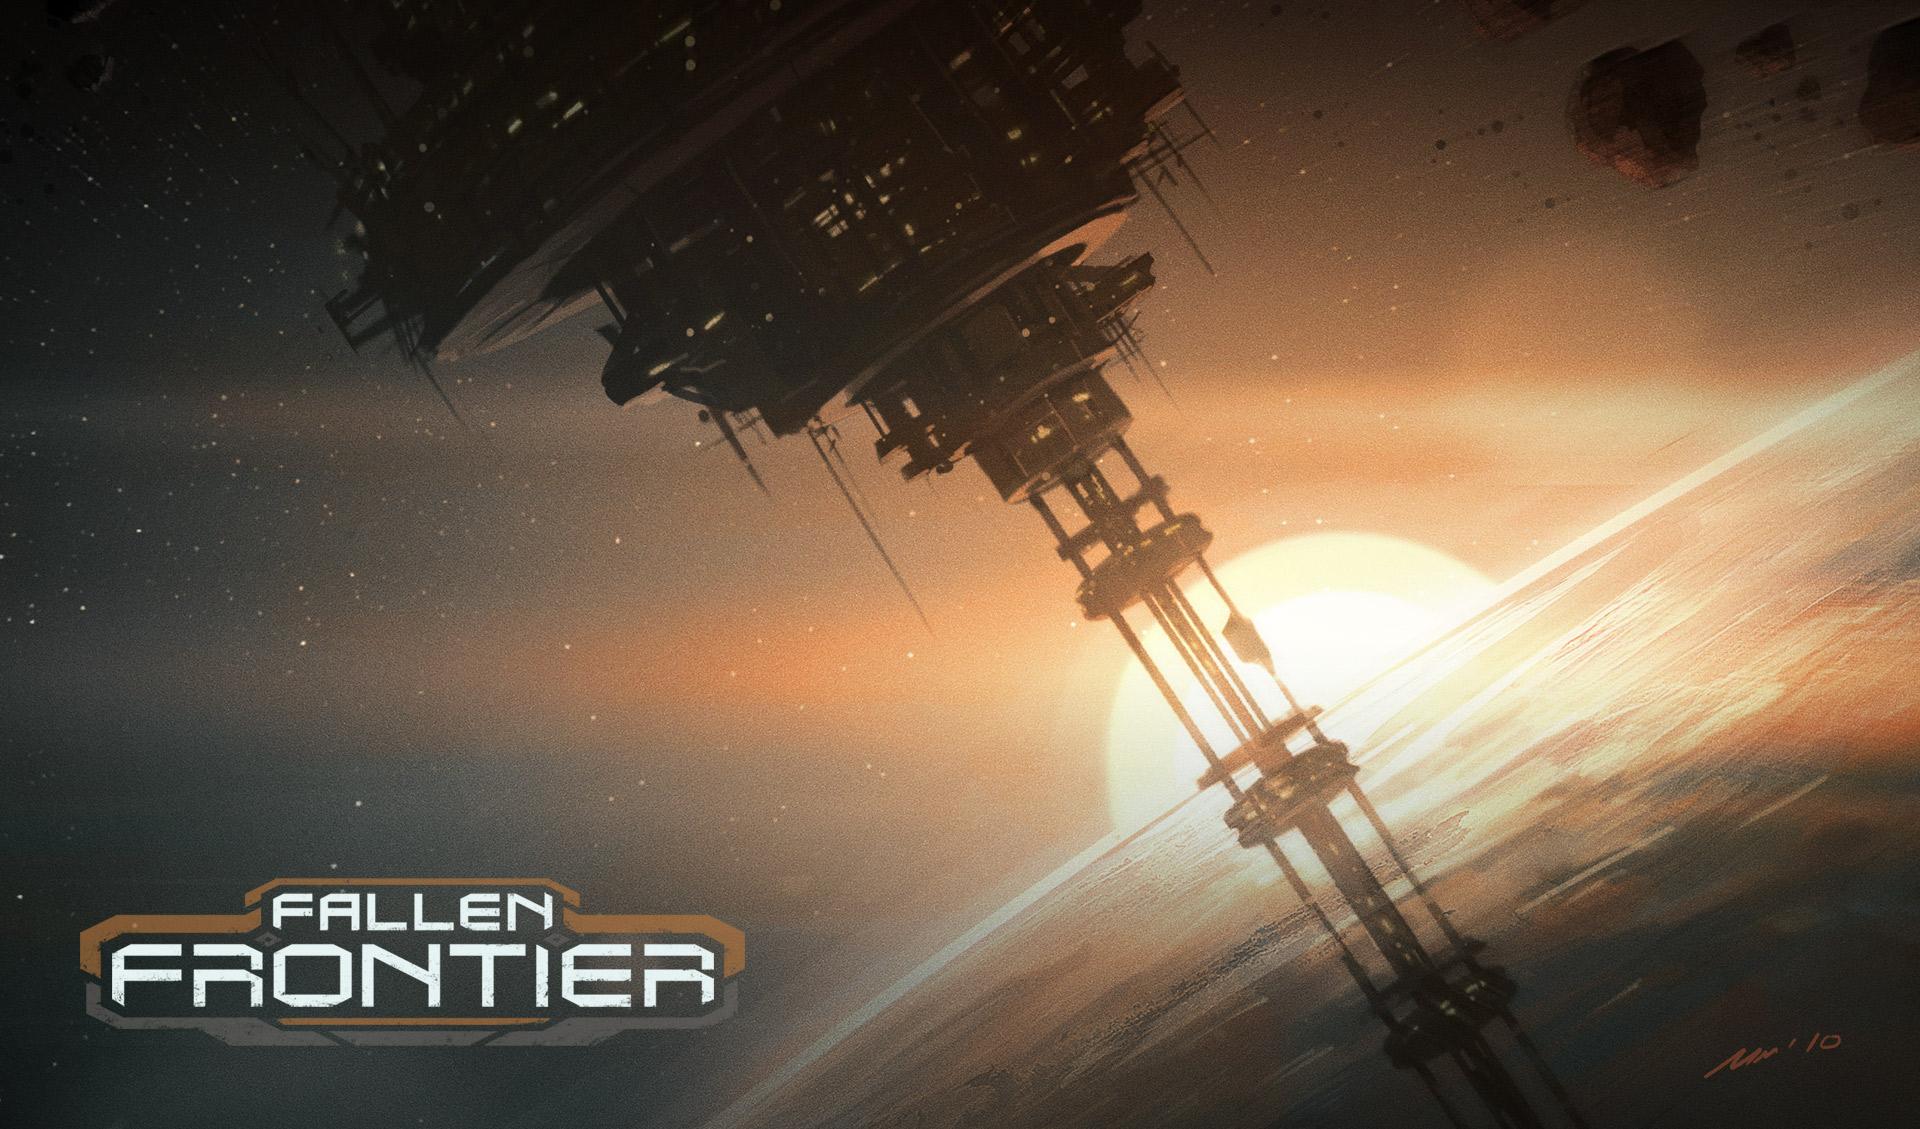 Fallen Frontier - Concept Art